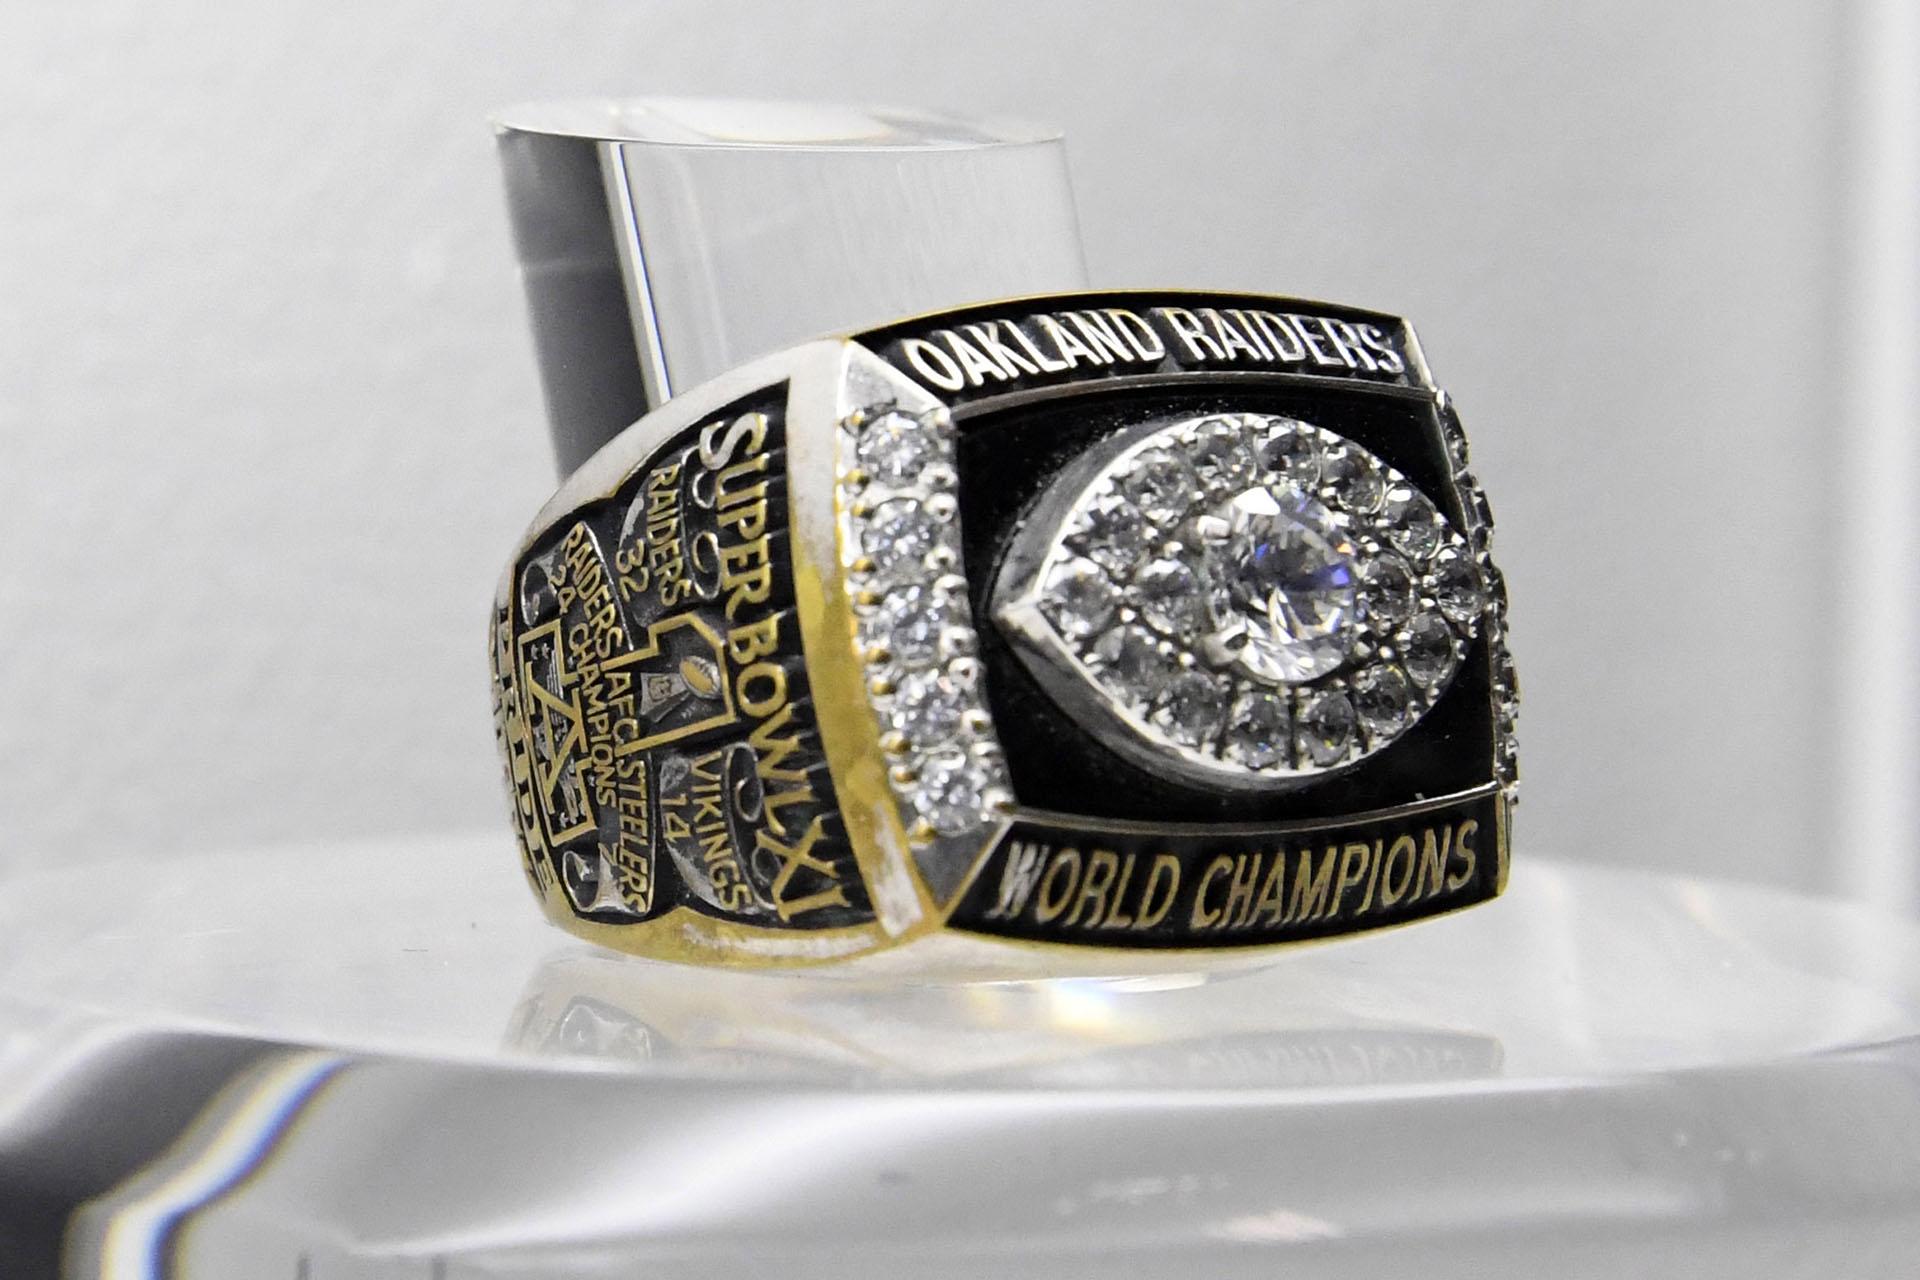 Los Oakland Raiders le ganaron 32 a 14 a Minnesota Vikings en el Rose Bowl de Pasadena, California en 1977 y obtuvieron el anillo del Super Bowl XI